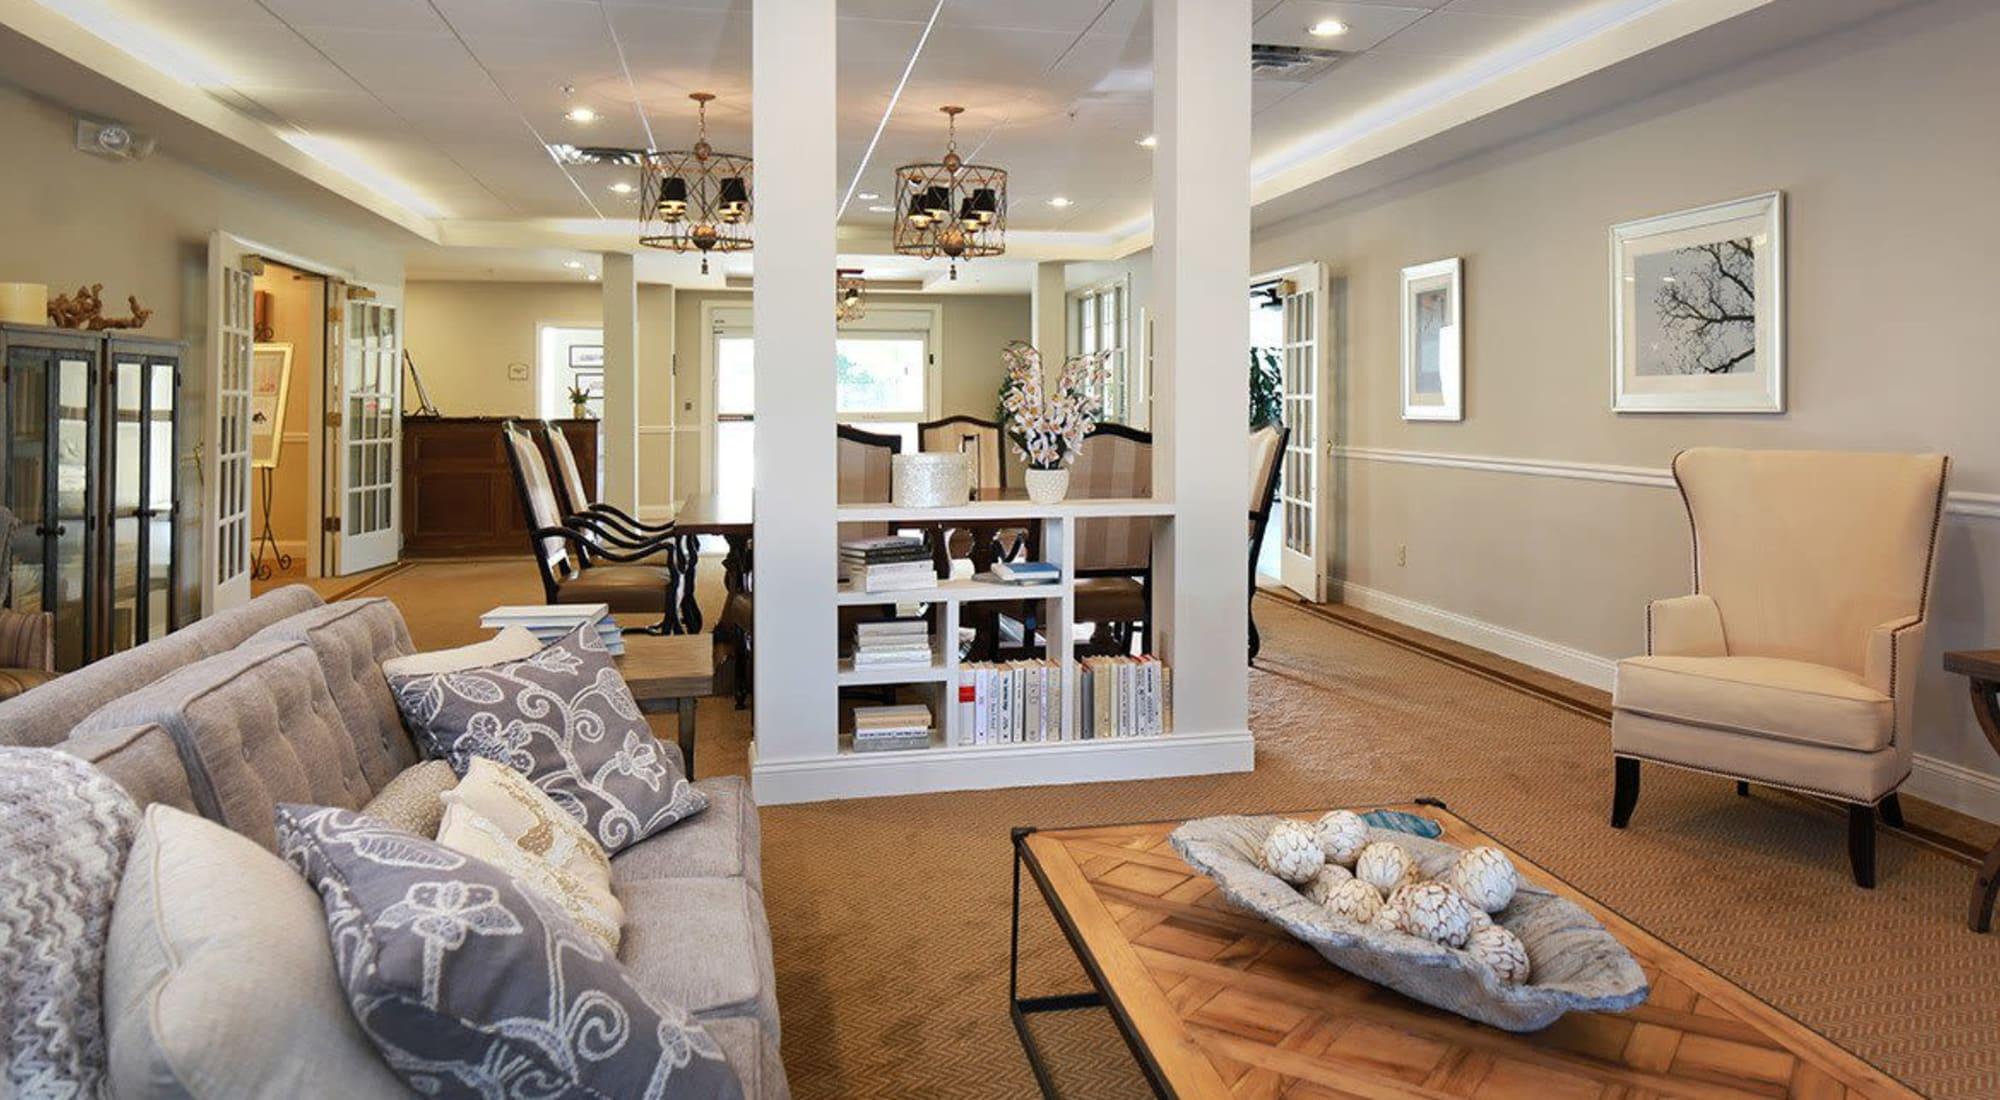 Interior at Maplewood at Danbury, Danbury, CT